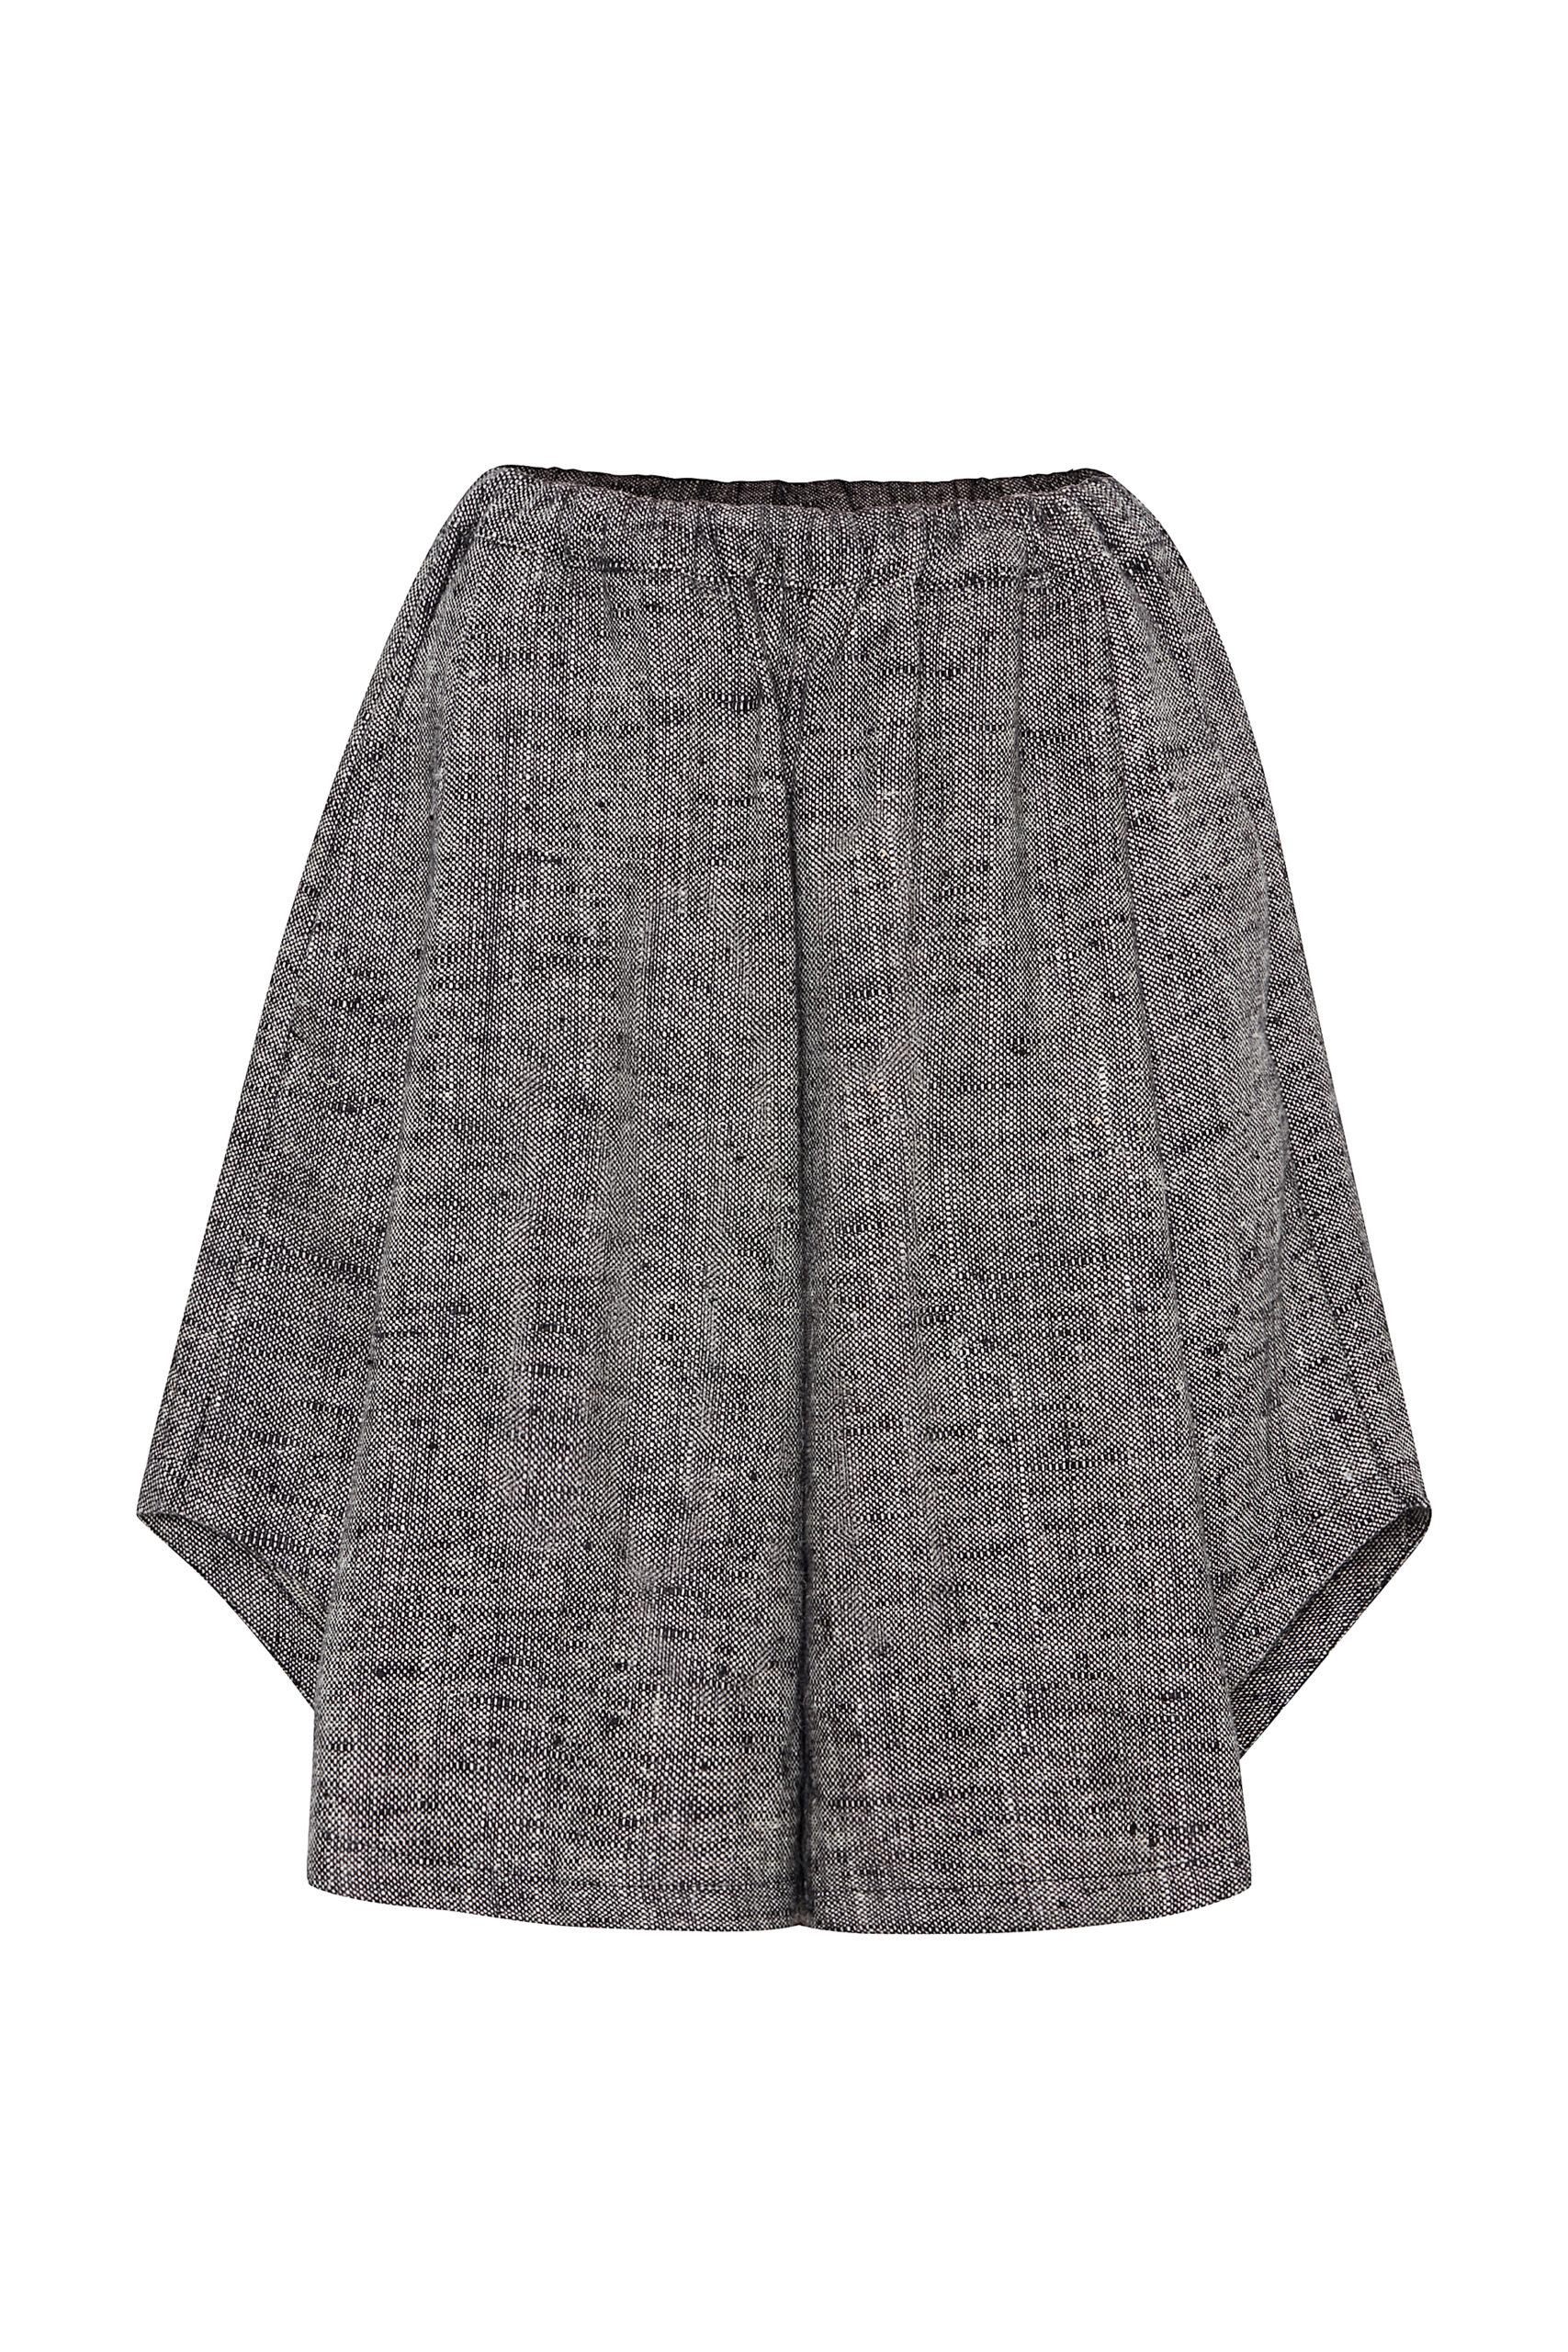 Shorts Sustainable luxury fashion.